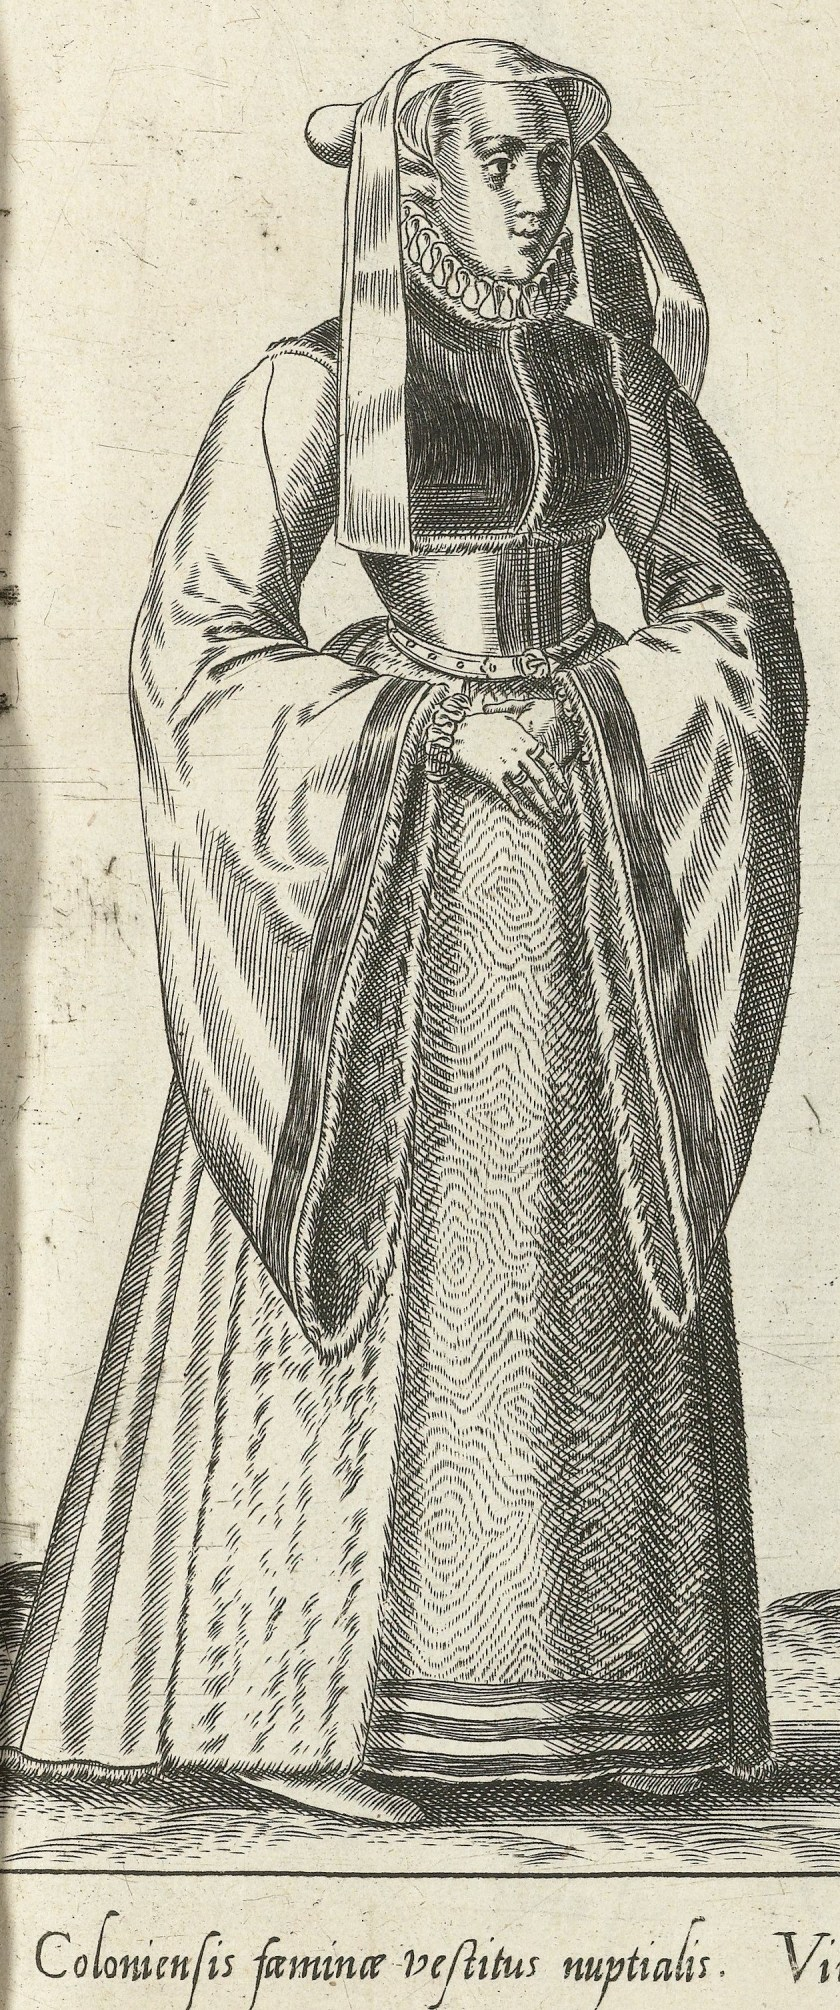 1581 Cologne. Fig. 1, page 11, Omnium pene Europae, Asiae, Aphricae, Americae gentium habitus [...] de Bruyn. Rijsmuseum BI-1895-3811